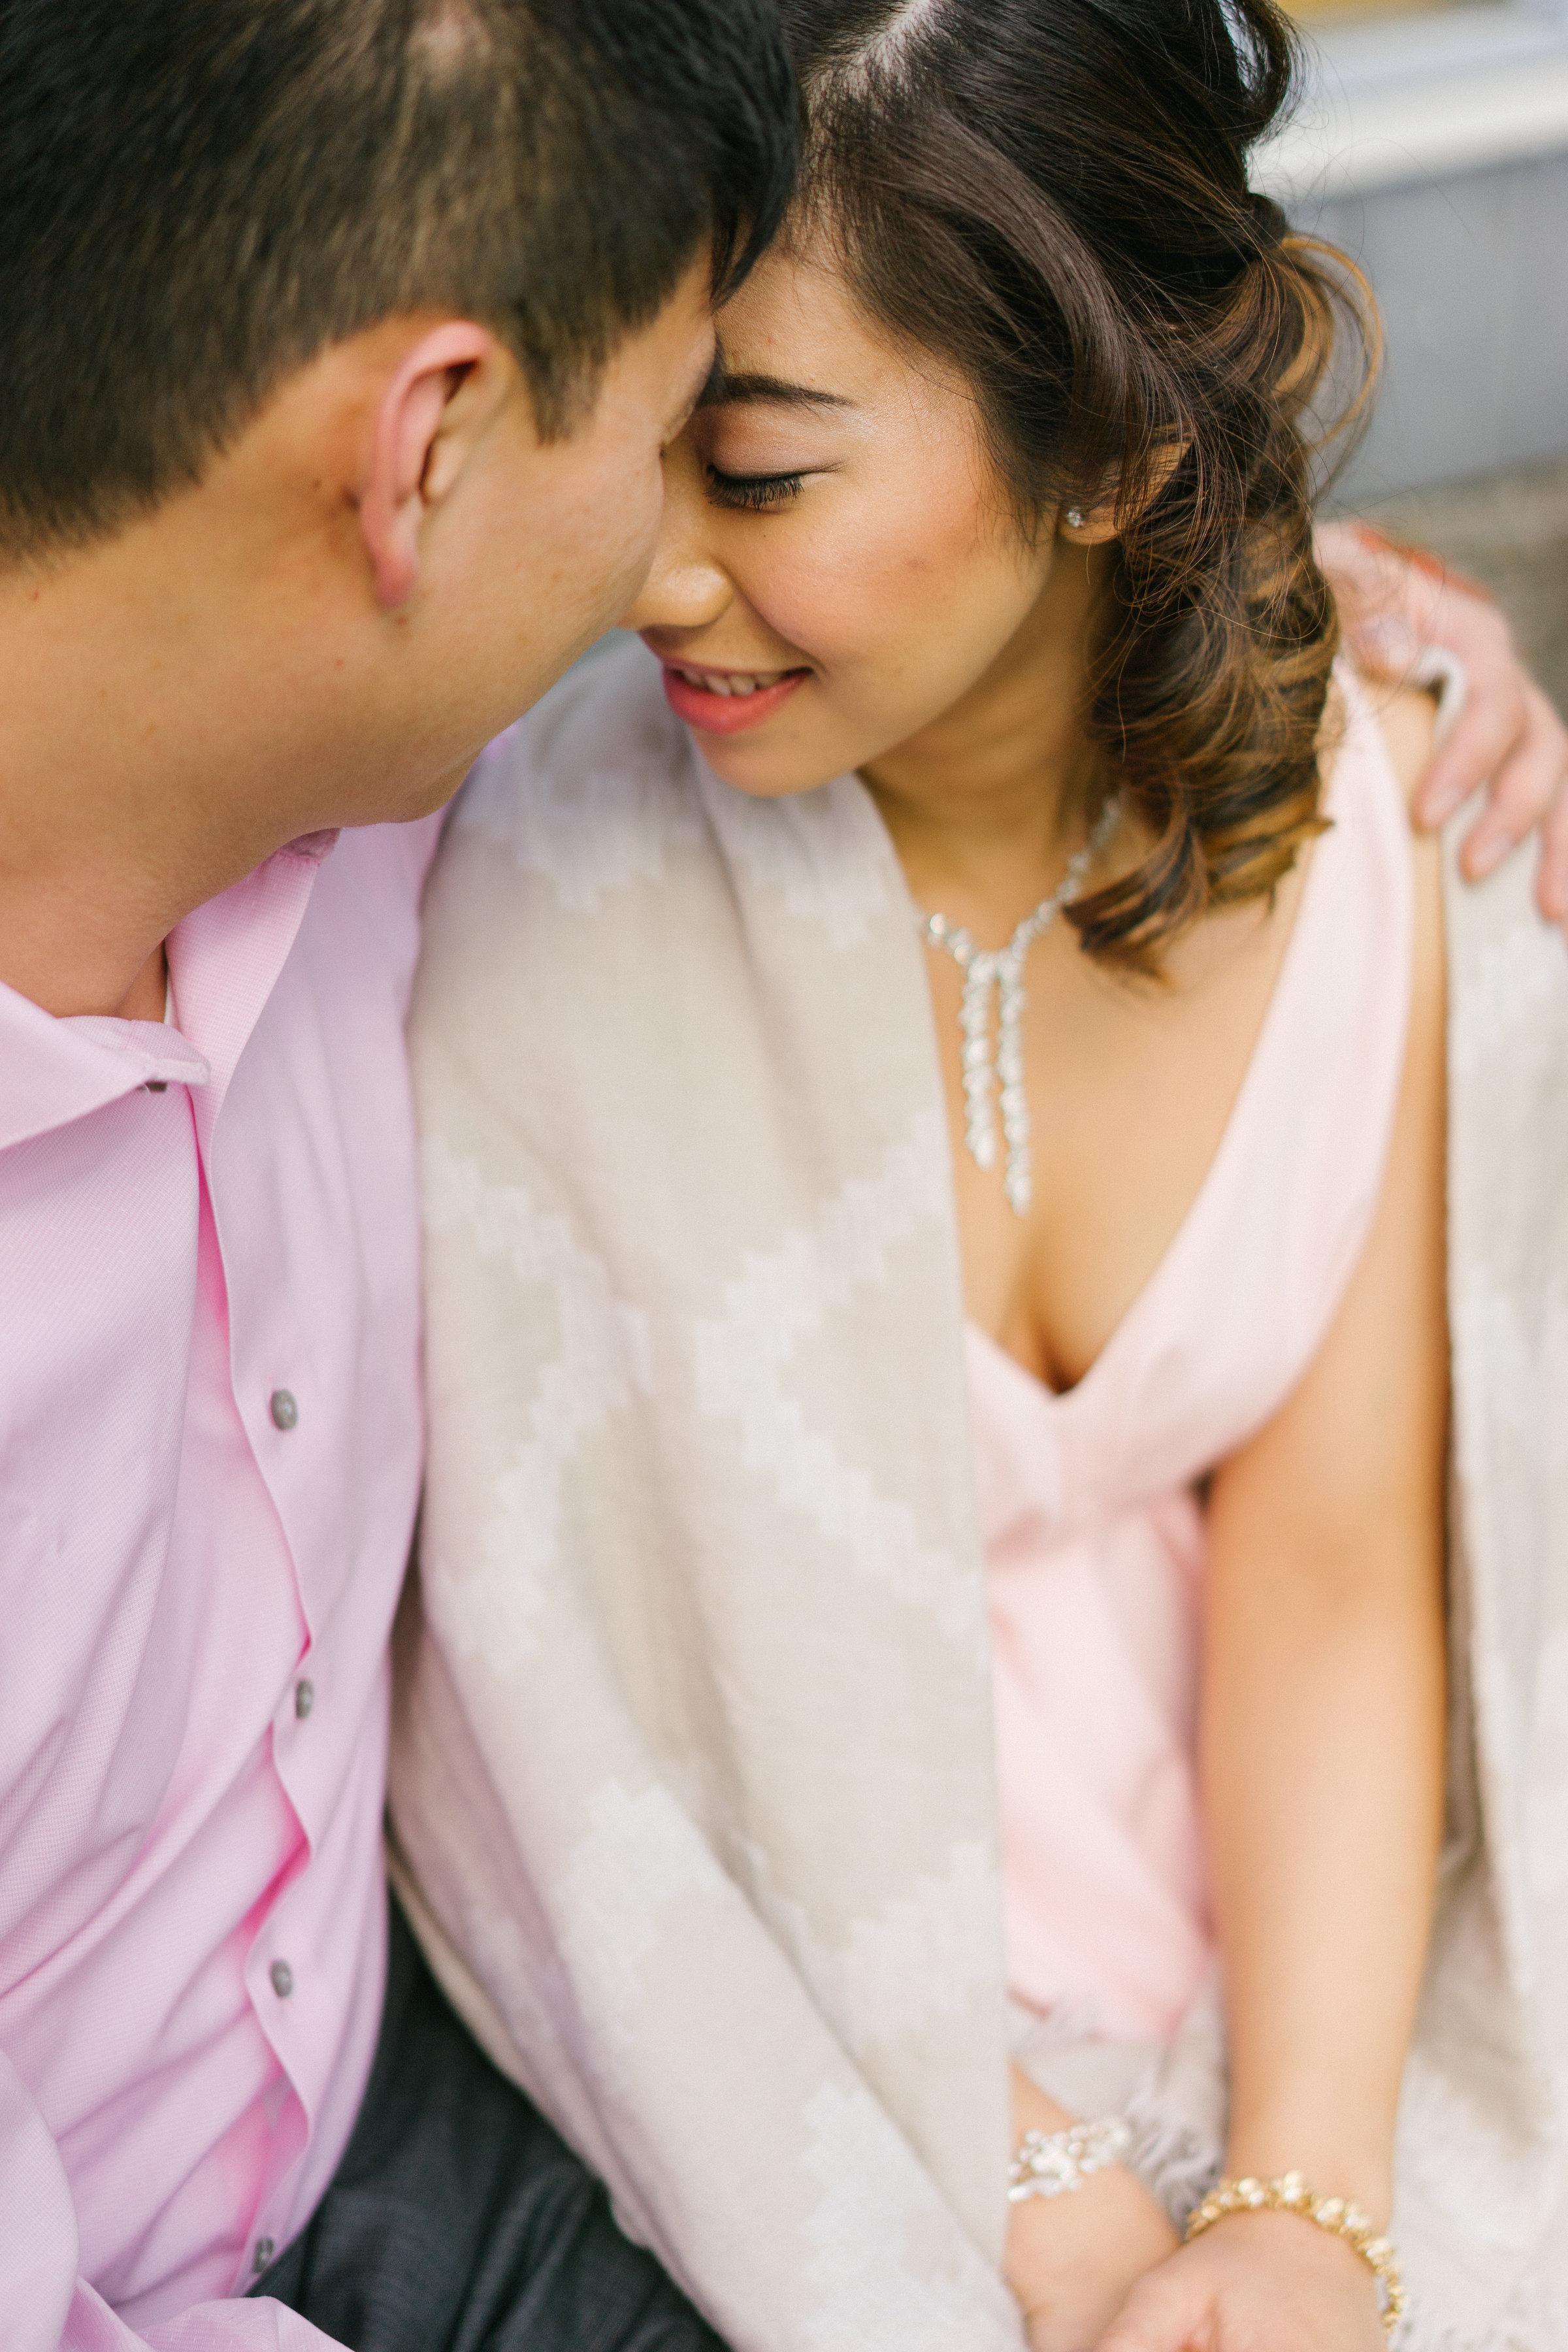 MichelleDavid_Engagement-09486.jpg